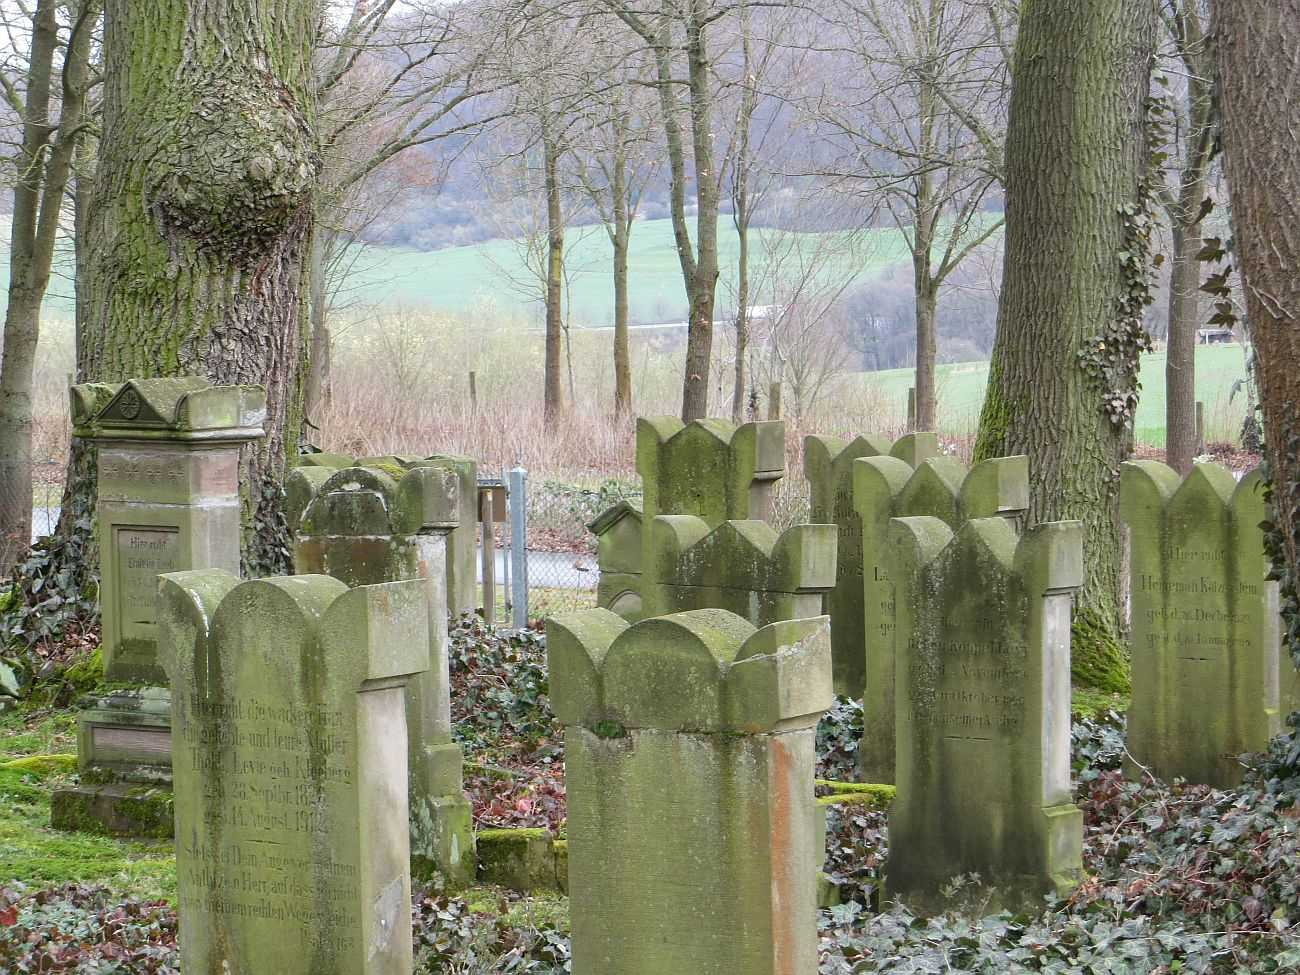 http://www.alemannia-judaica.de/images/Images%20402/Rhoden%20Friedhof%20IMG_8431.jpg